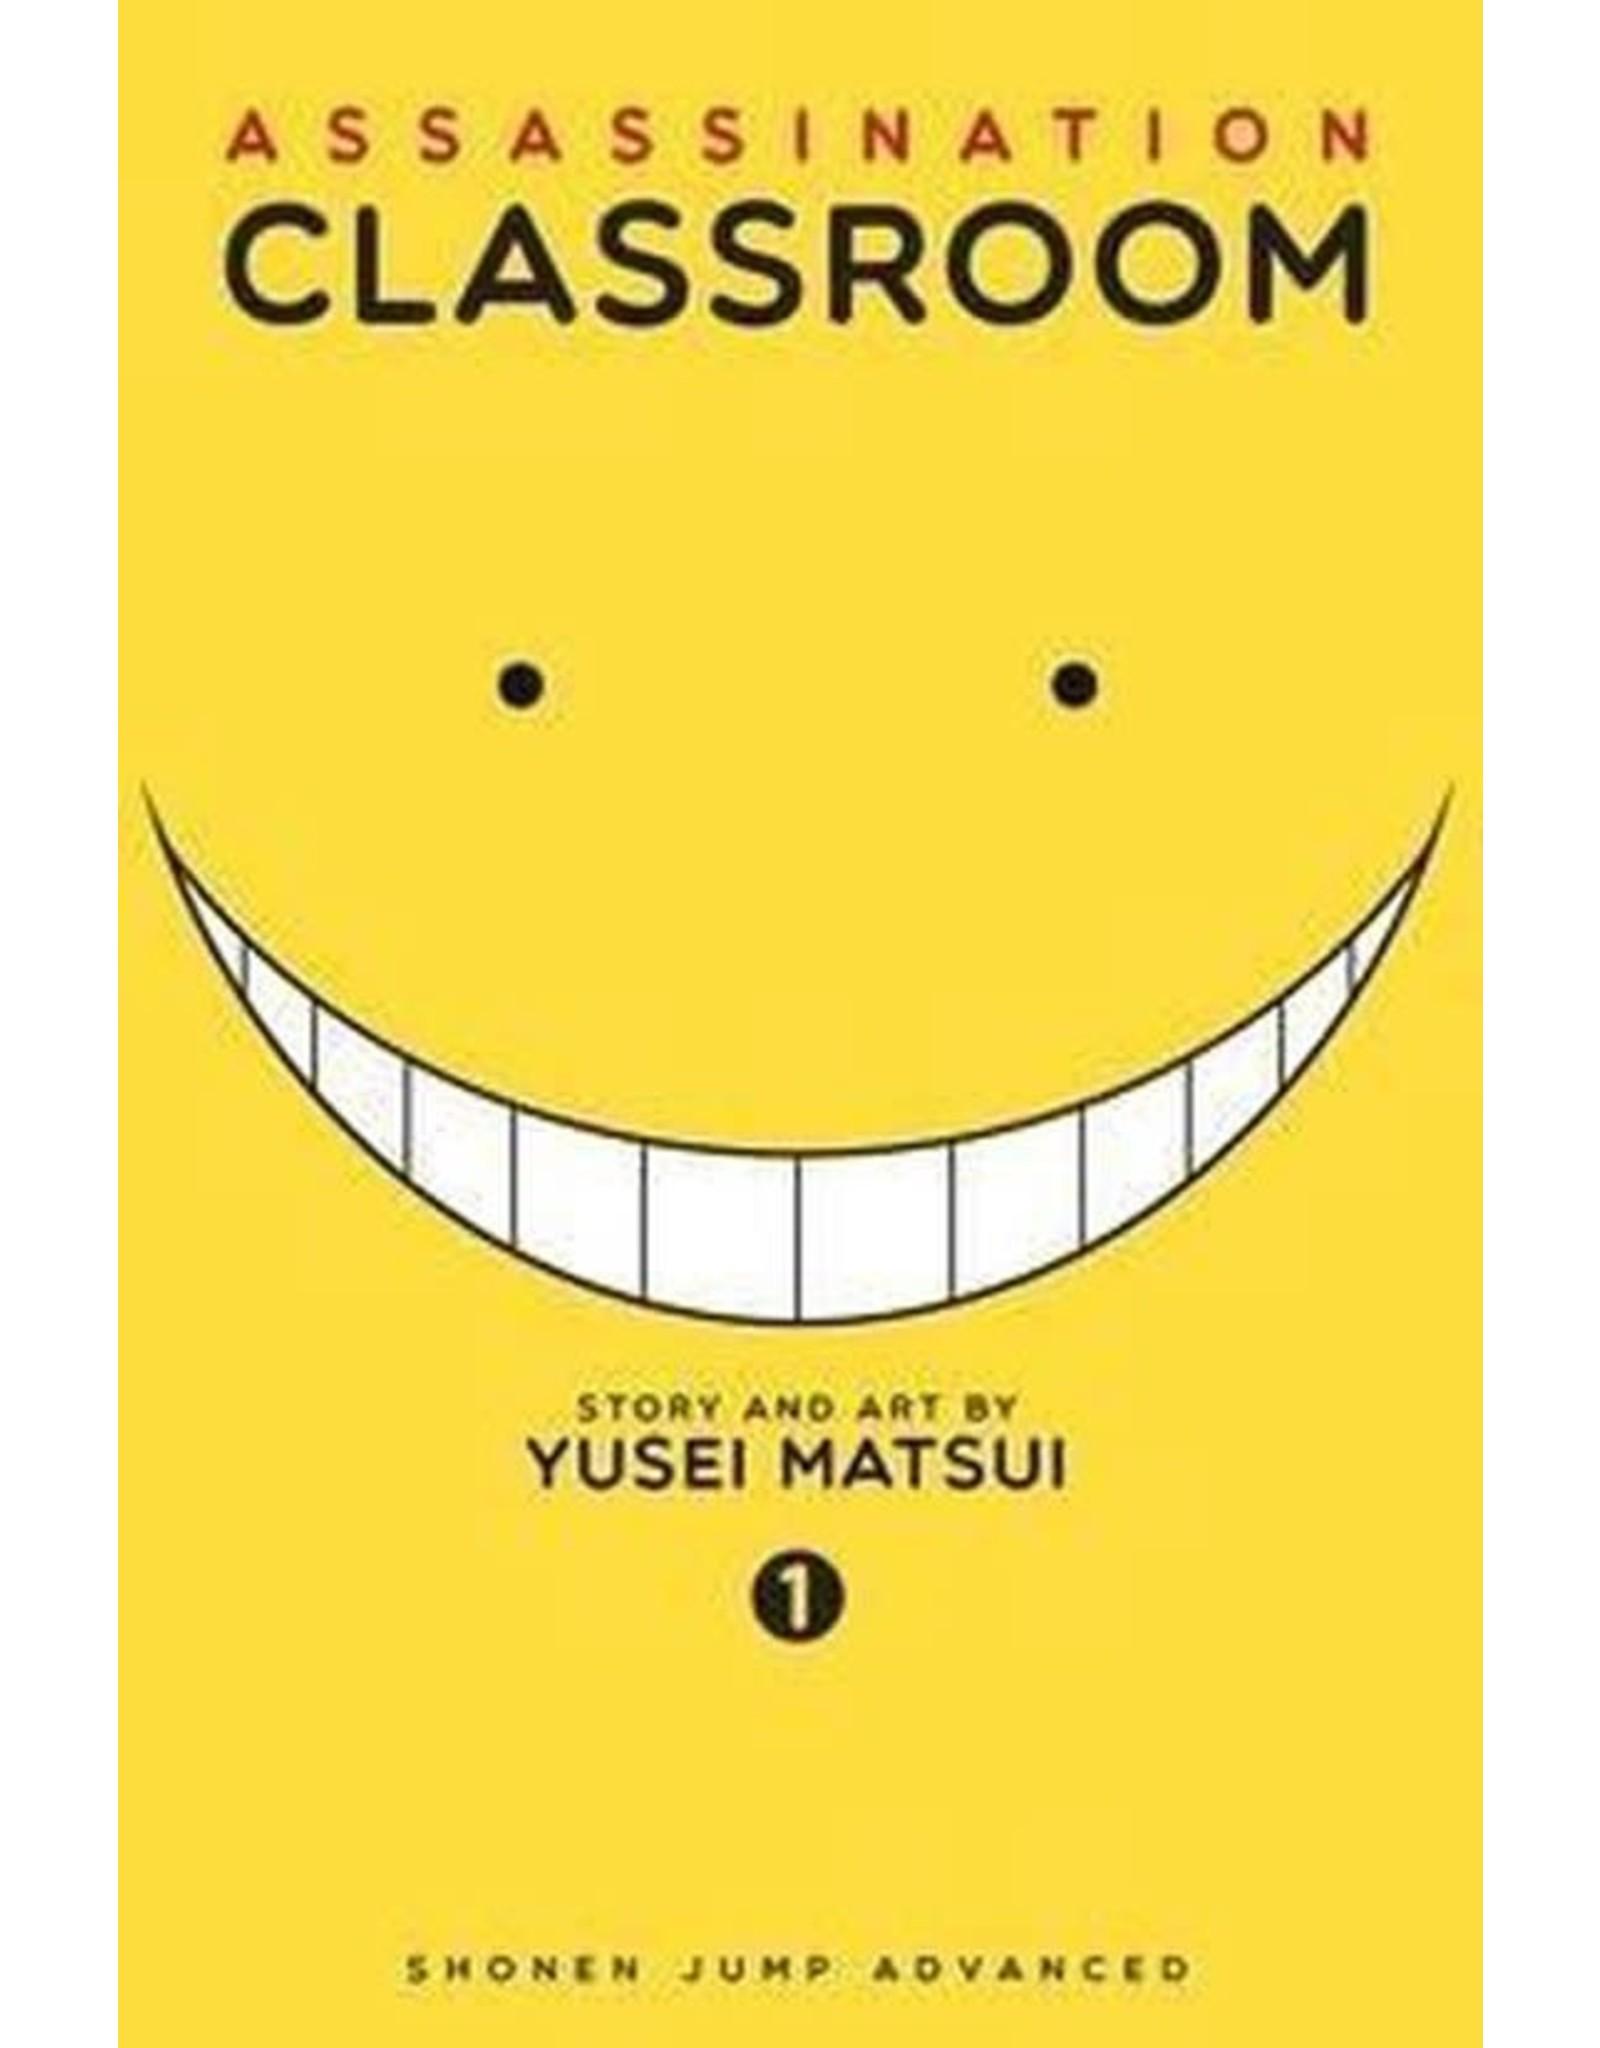 Assassination Classroom 1 (Engelstalig)